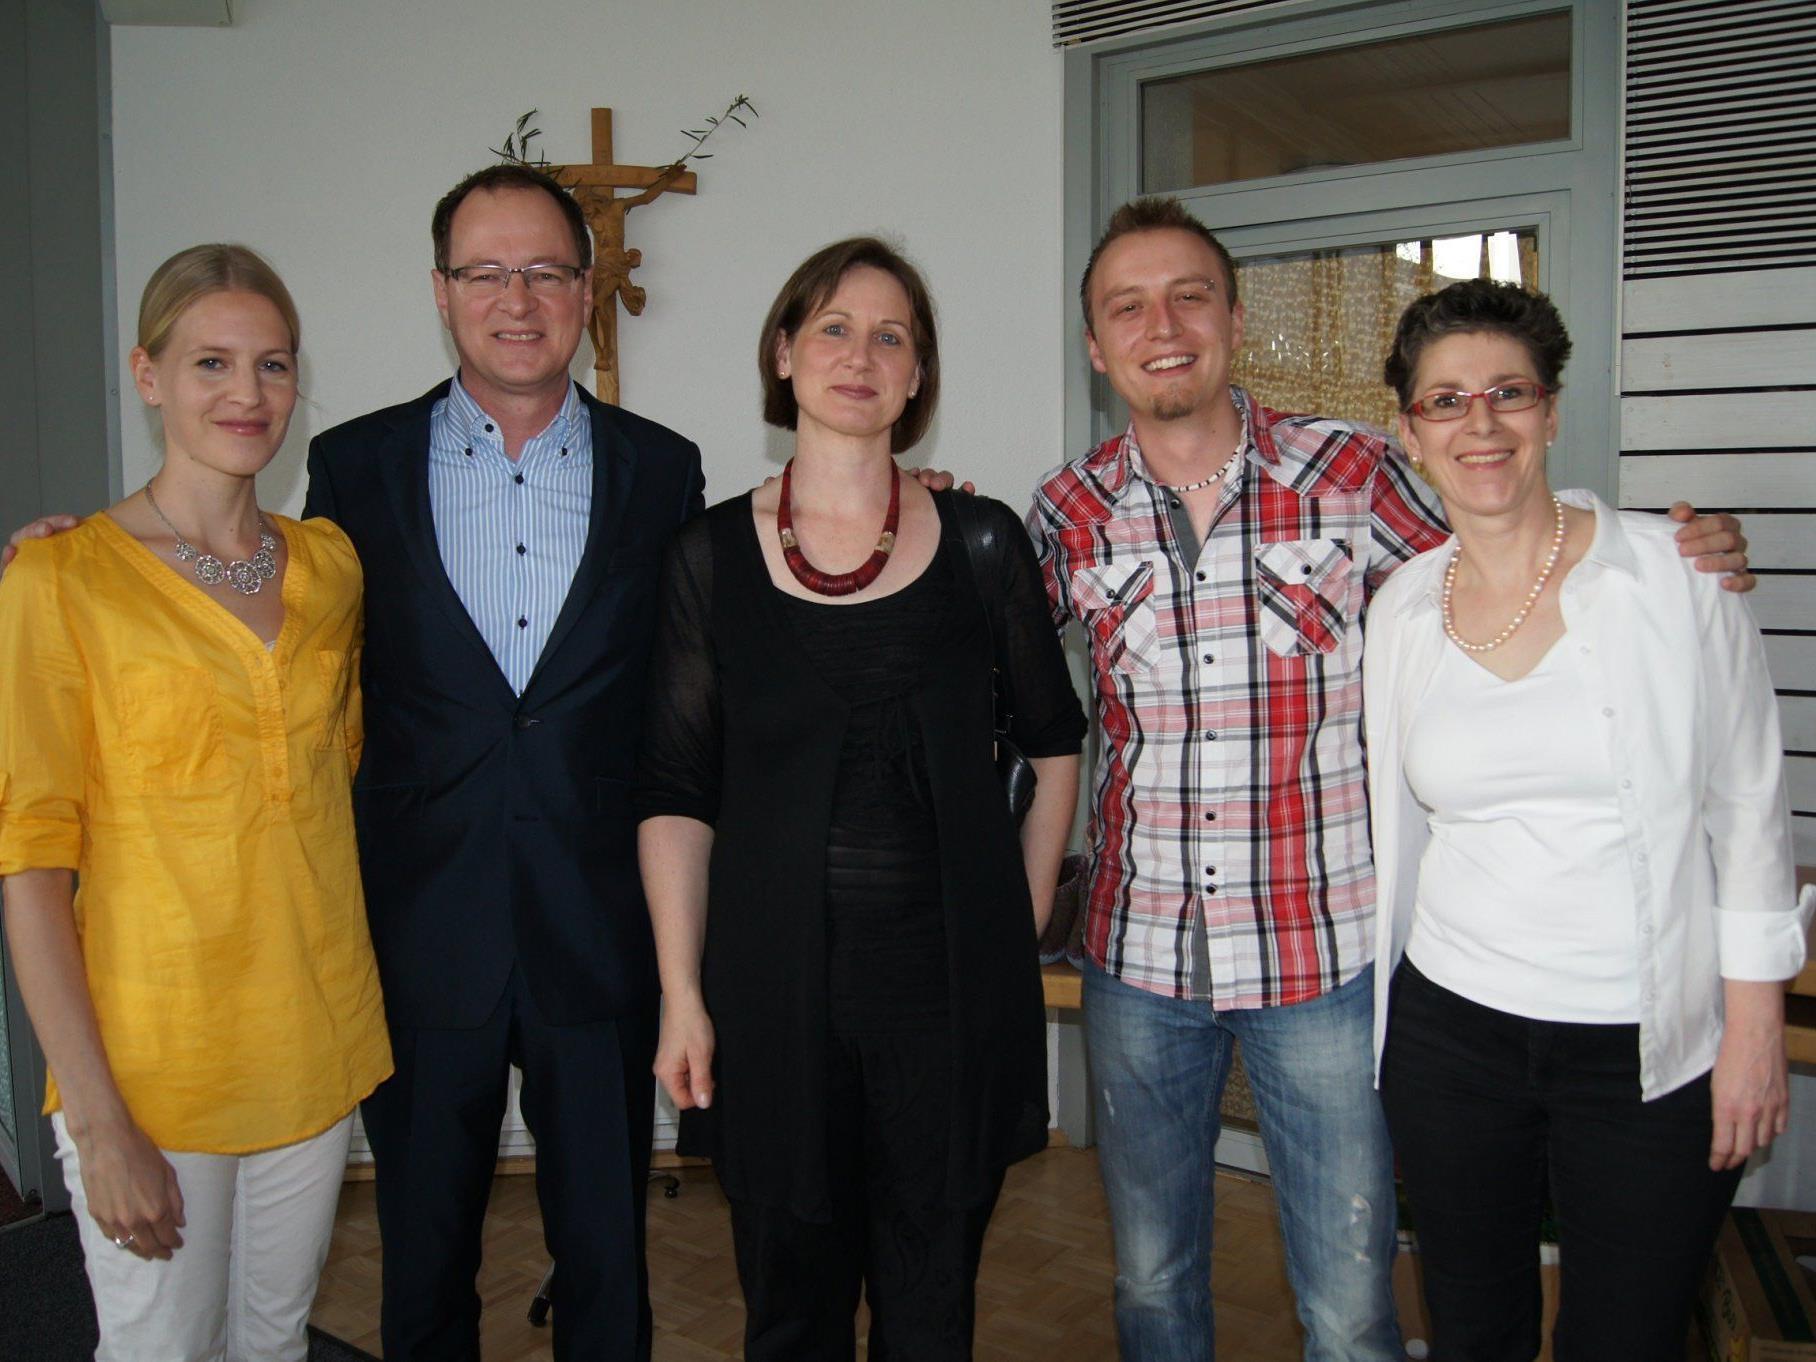 V. l.: Karin Rüf, Manfred Kräutler, Marianna Moosbrugger, Benjamin Meßmer, Daniela Thaler.